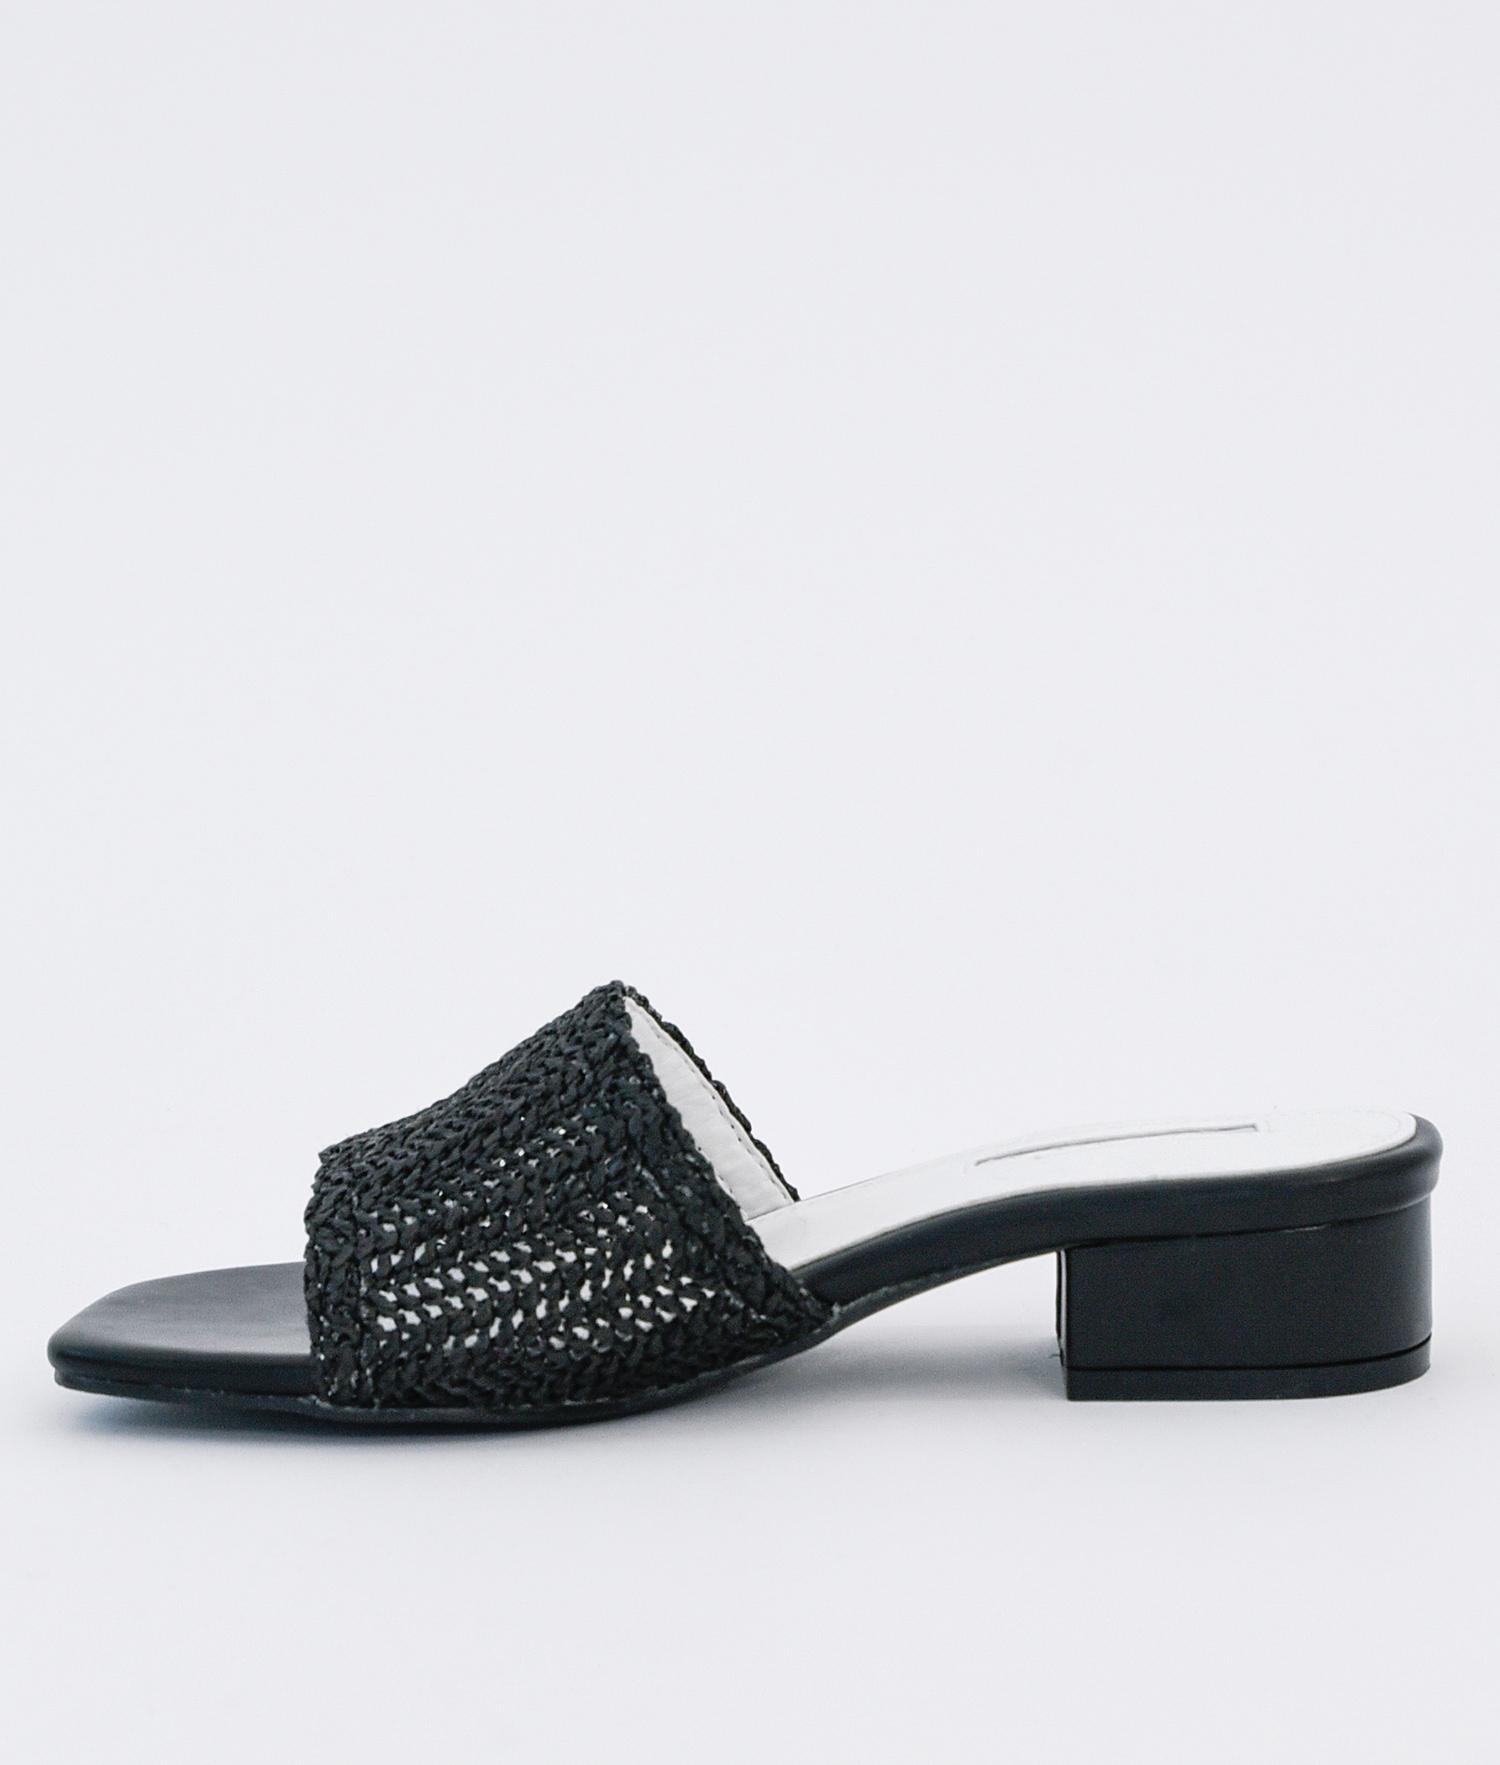 8f828428151 AnnaKastle Womens Woven Crochet Low Heel Mules Black